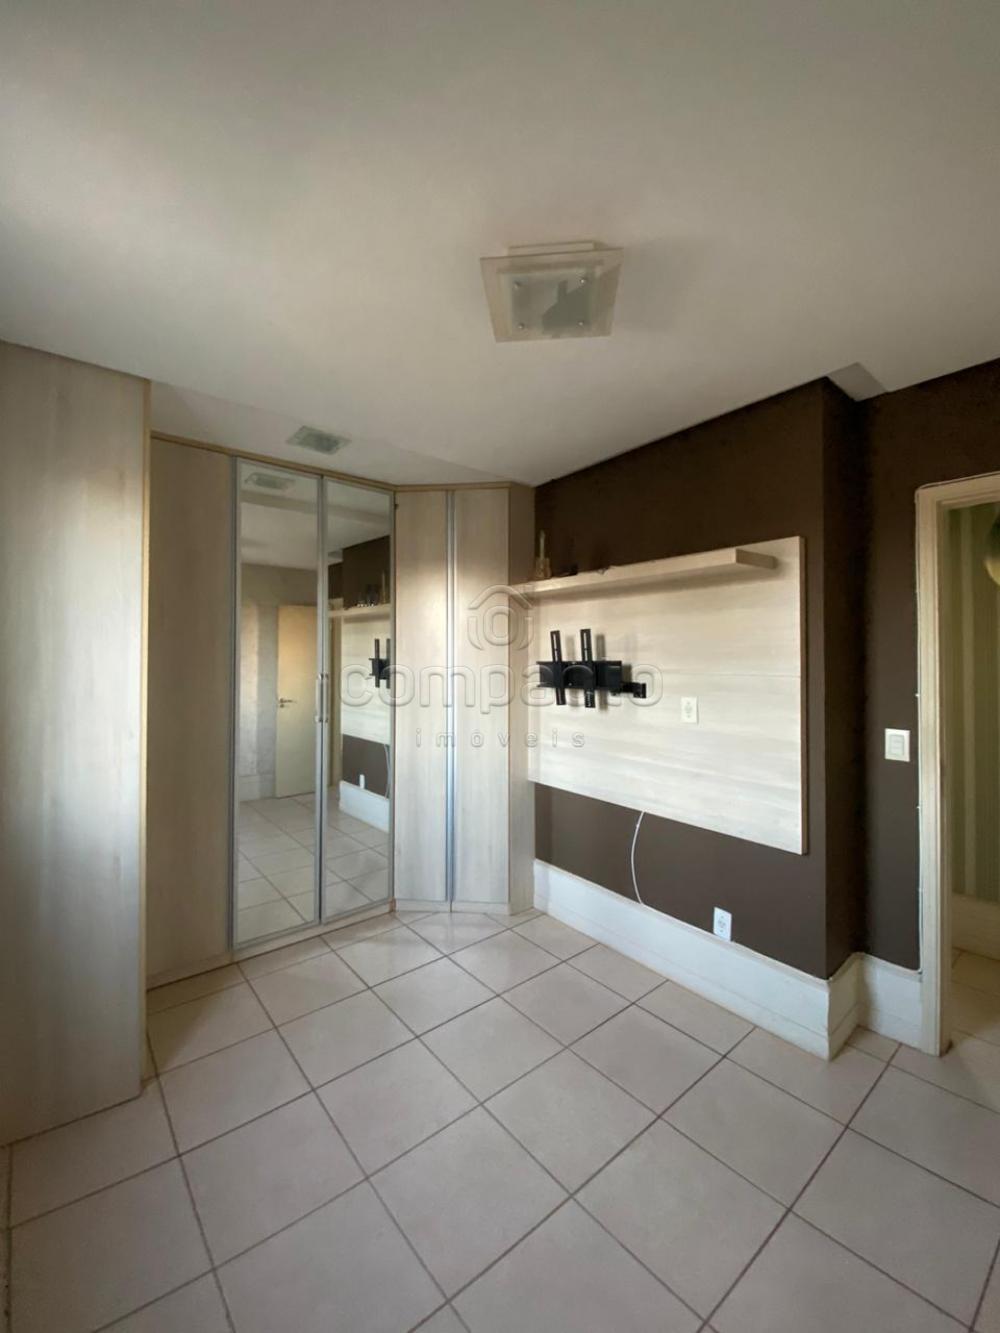 Alugar Apartamento / Padrão em São José do Rio Preto apenas R$ 1.250,00 - Foto 7